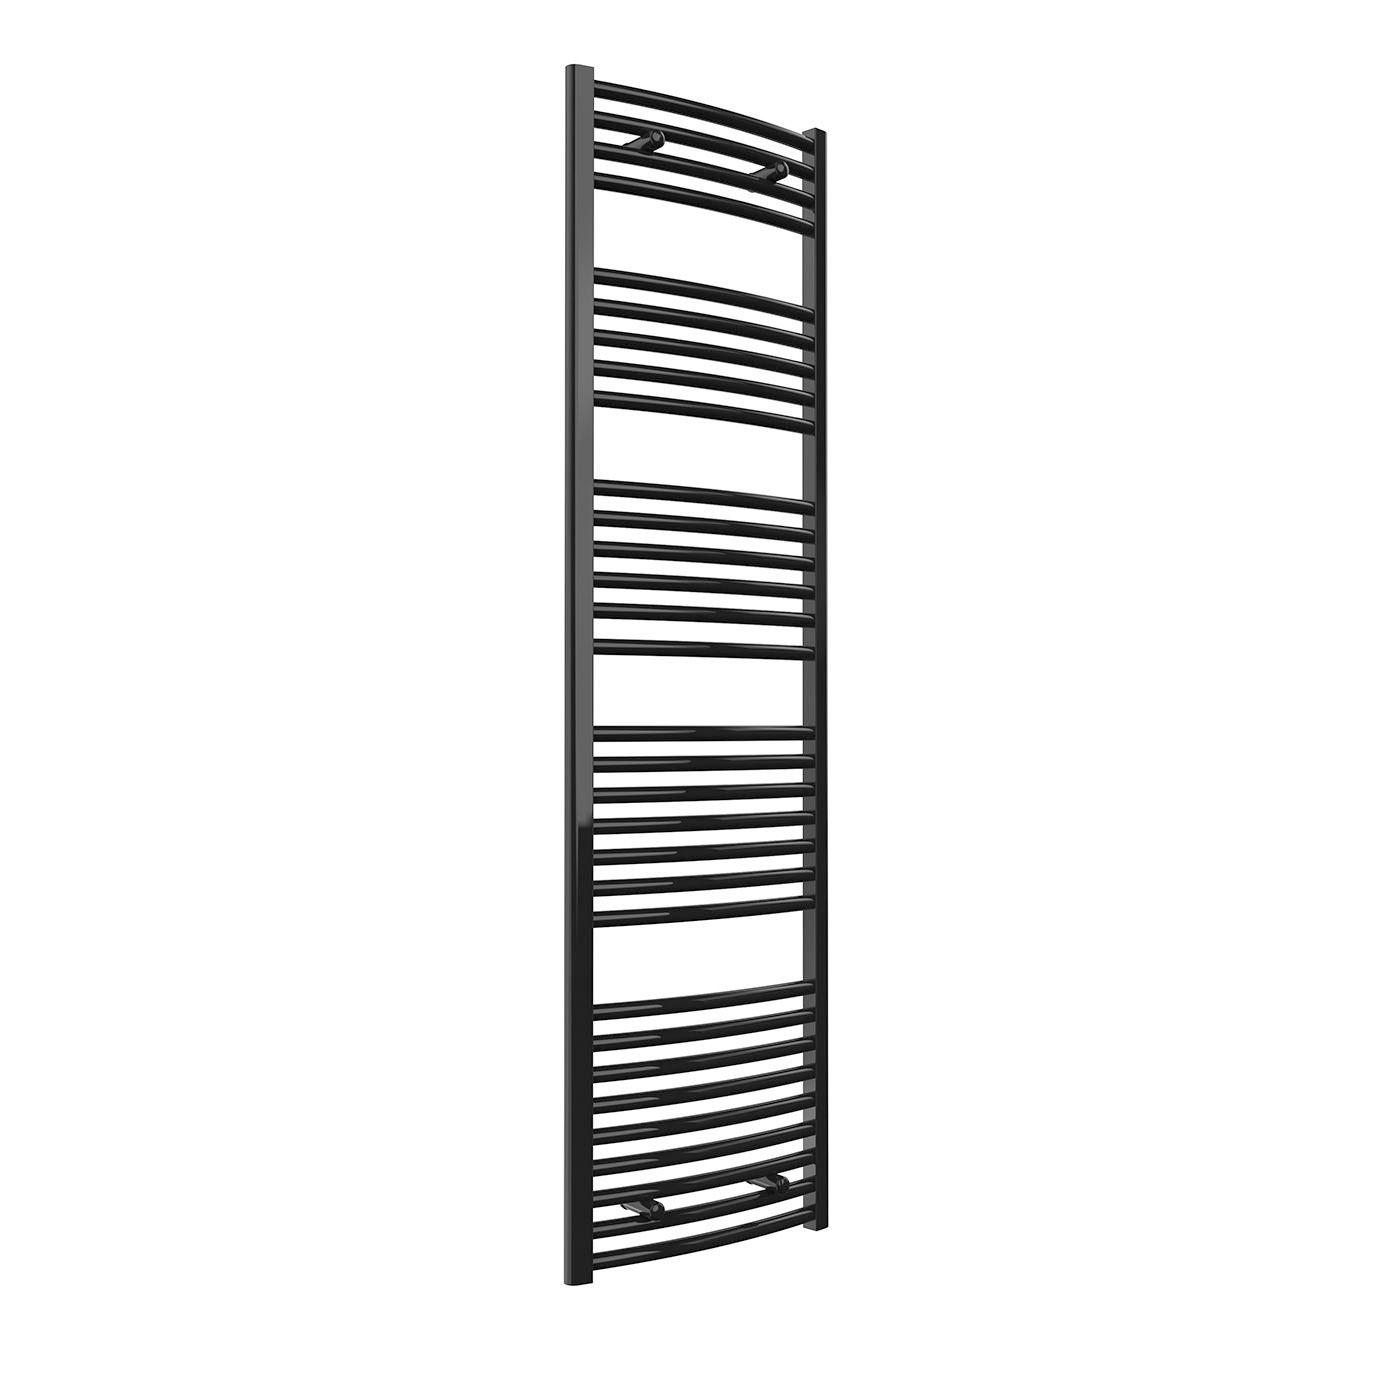 Reina Diva Flat Heated Towel Rail 800mm H x 400mm W Black